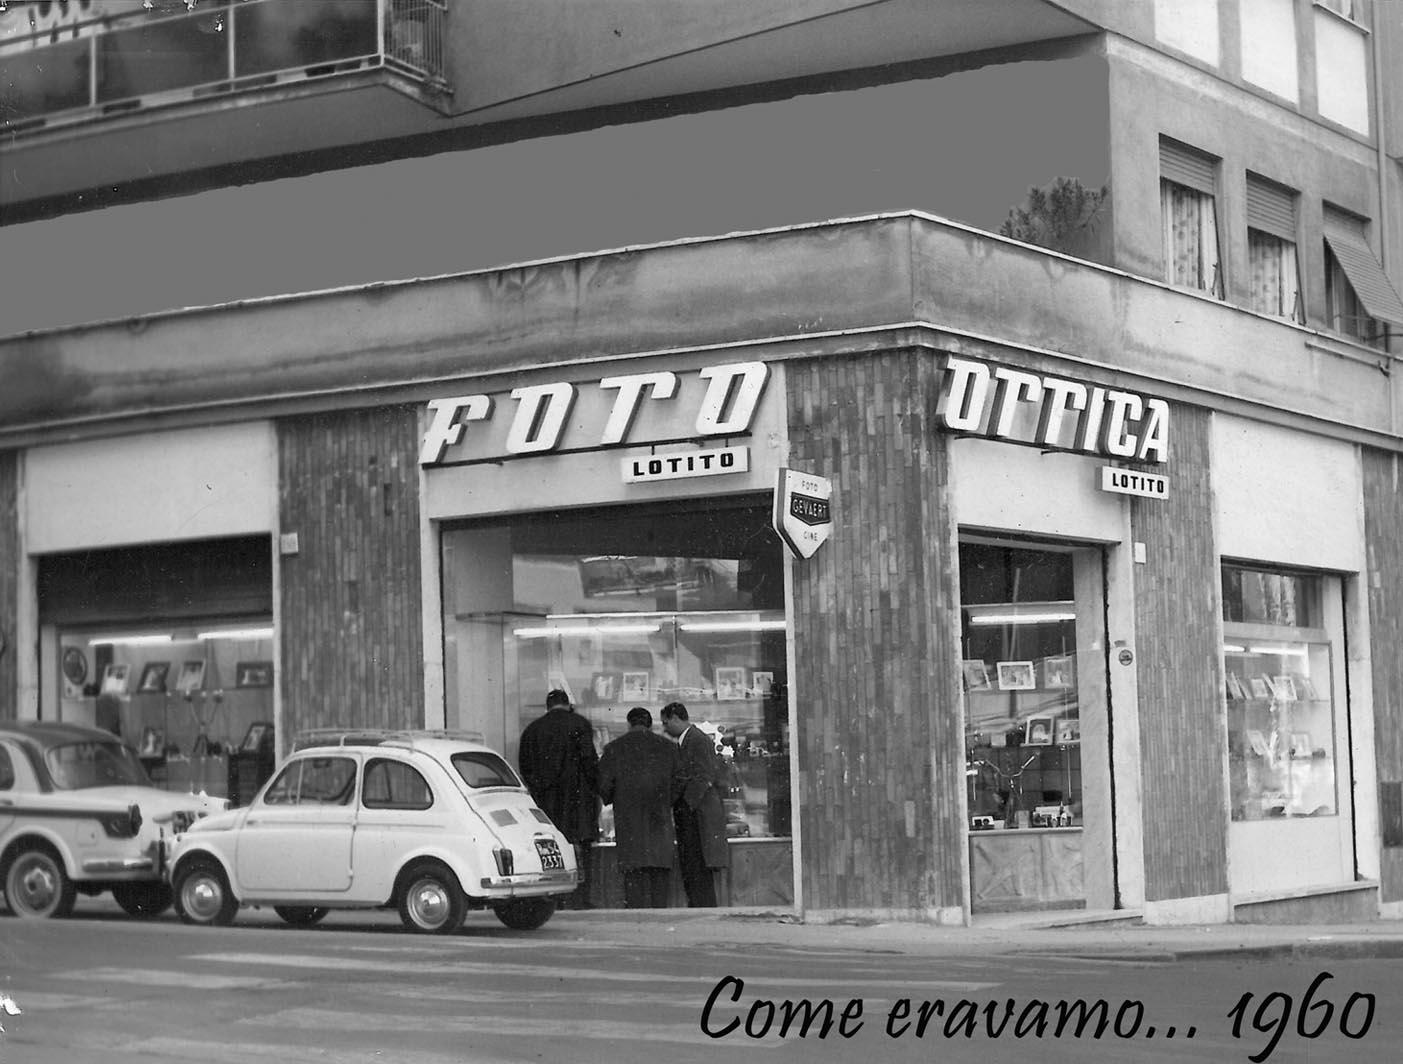 Ottica Lotito 1960